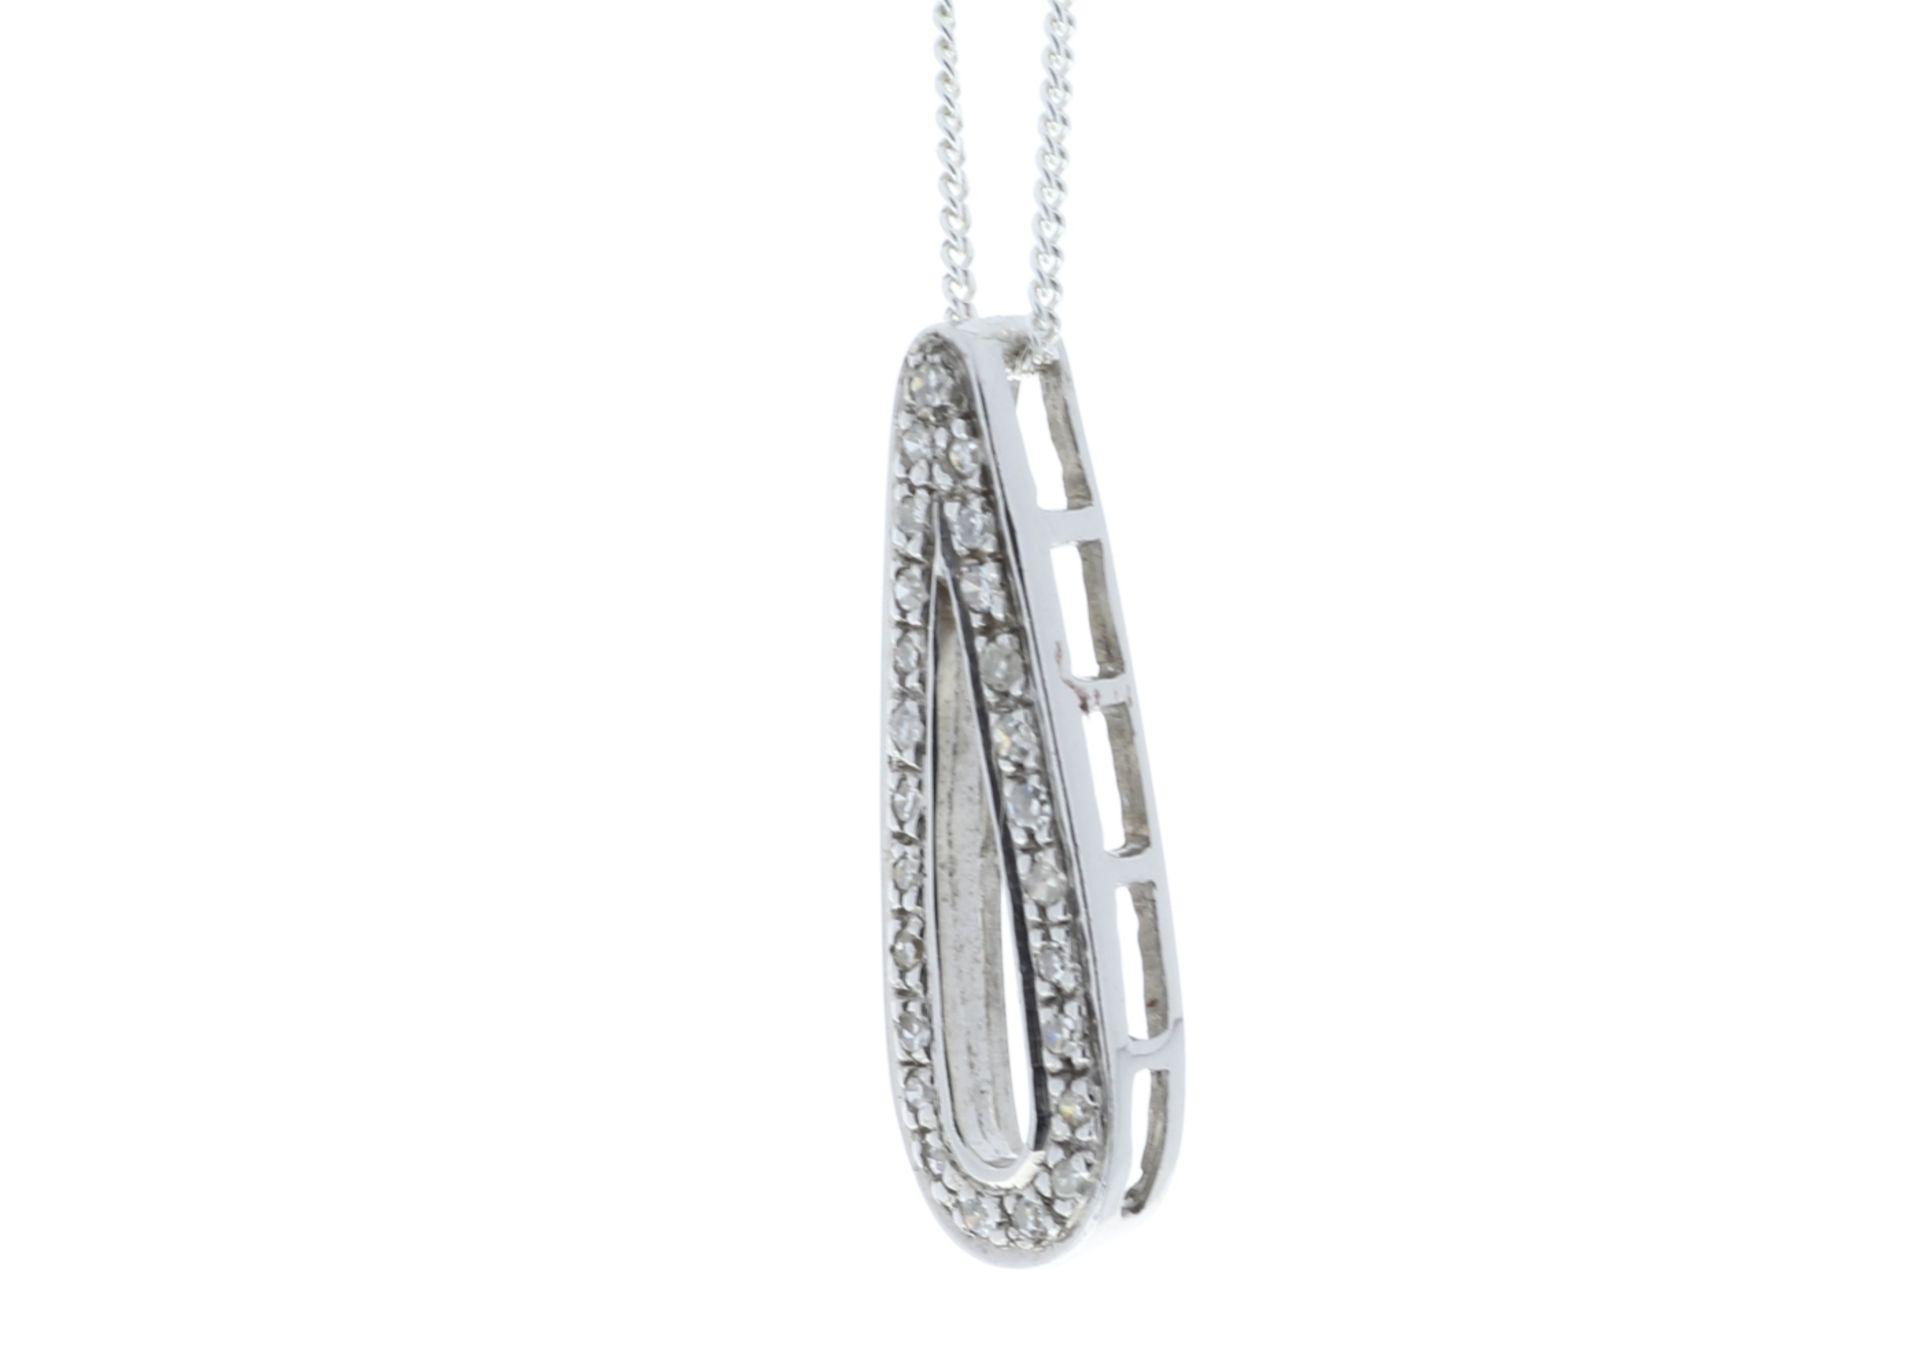 Lot 51 - 9k White Gold Fancy Cluster Teardrop Shape Diamond Pendant 0.12